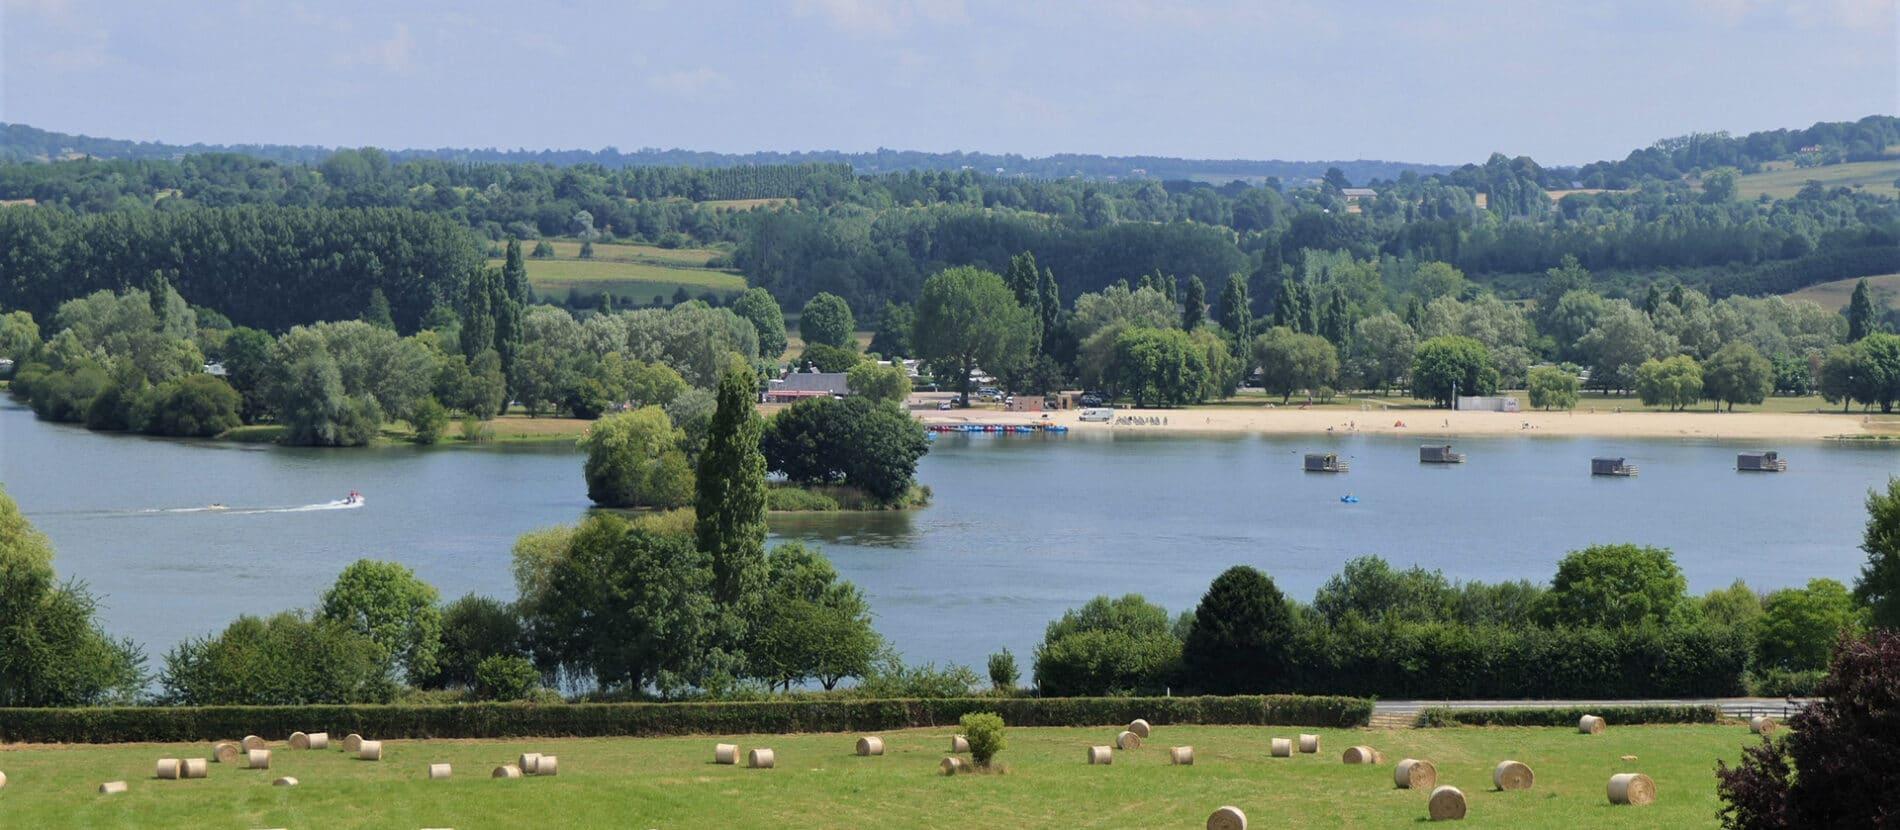 Lac de Pont-l'Evêque entouré de champs